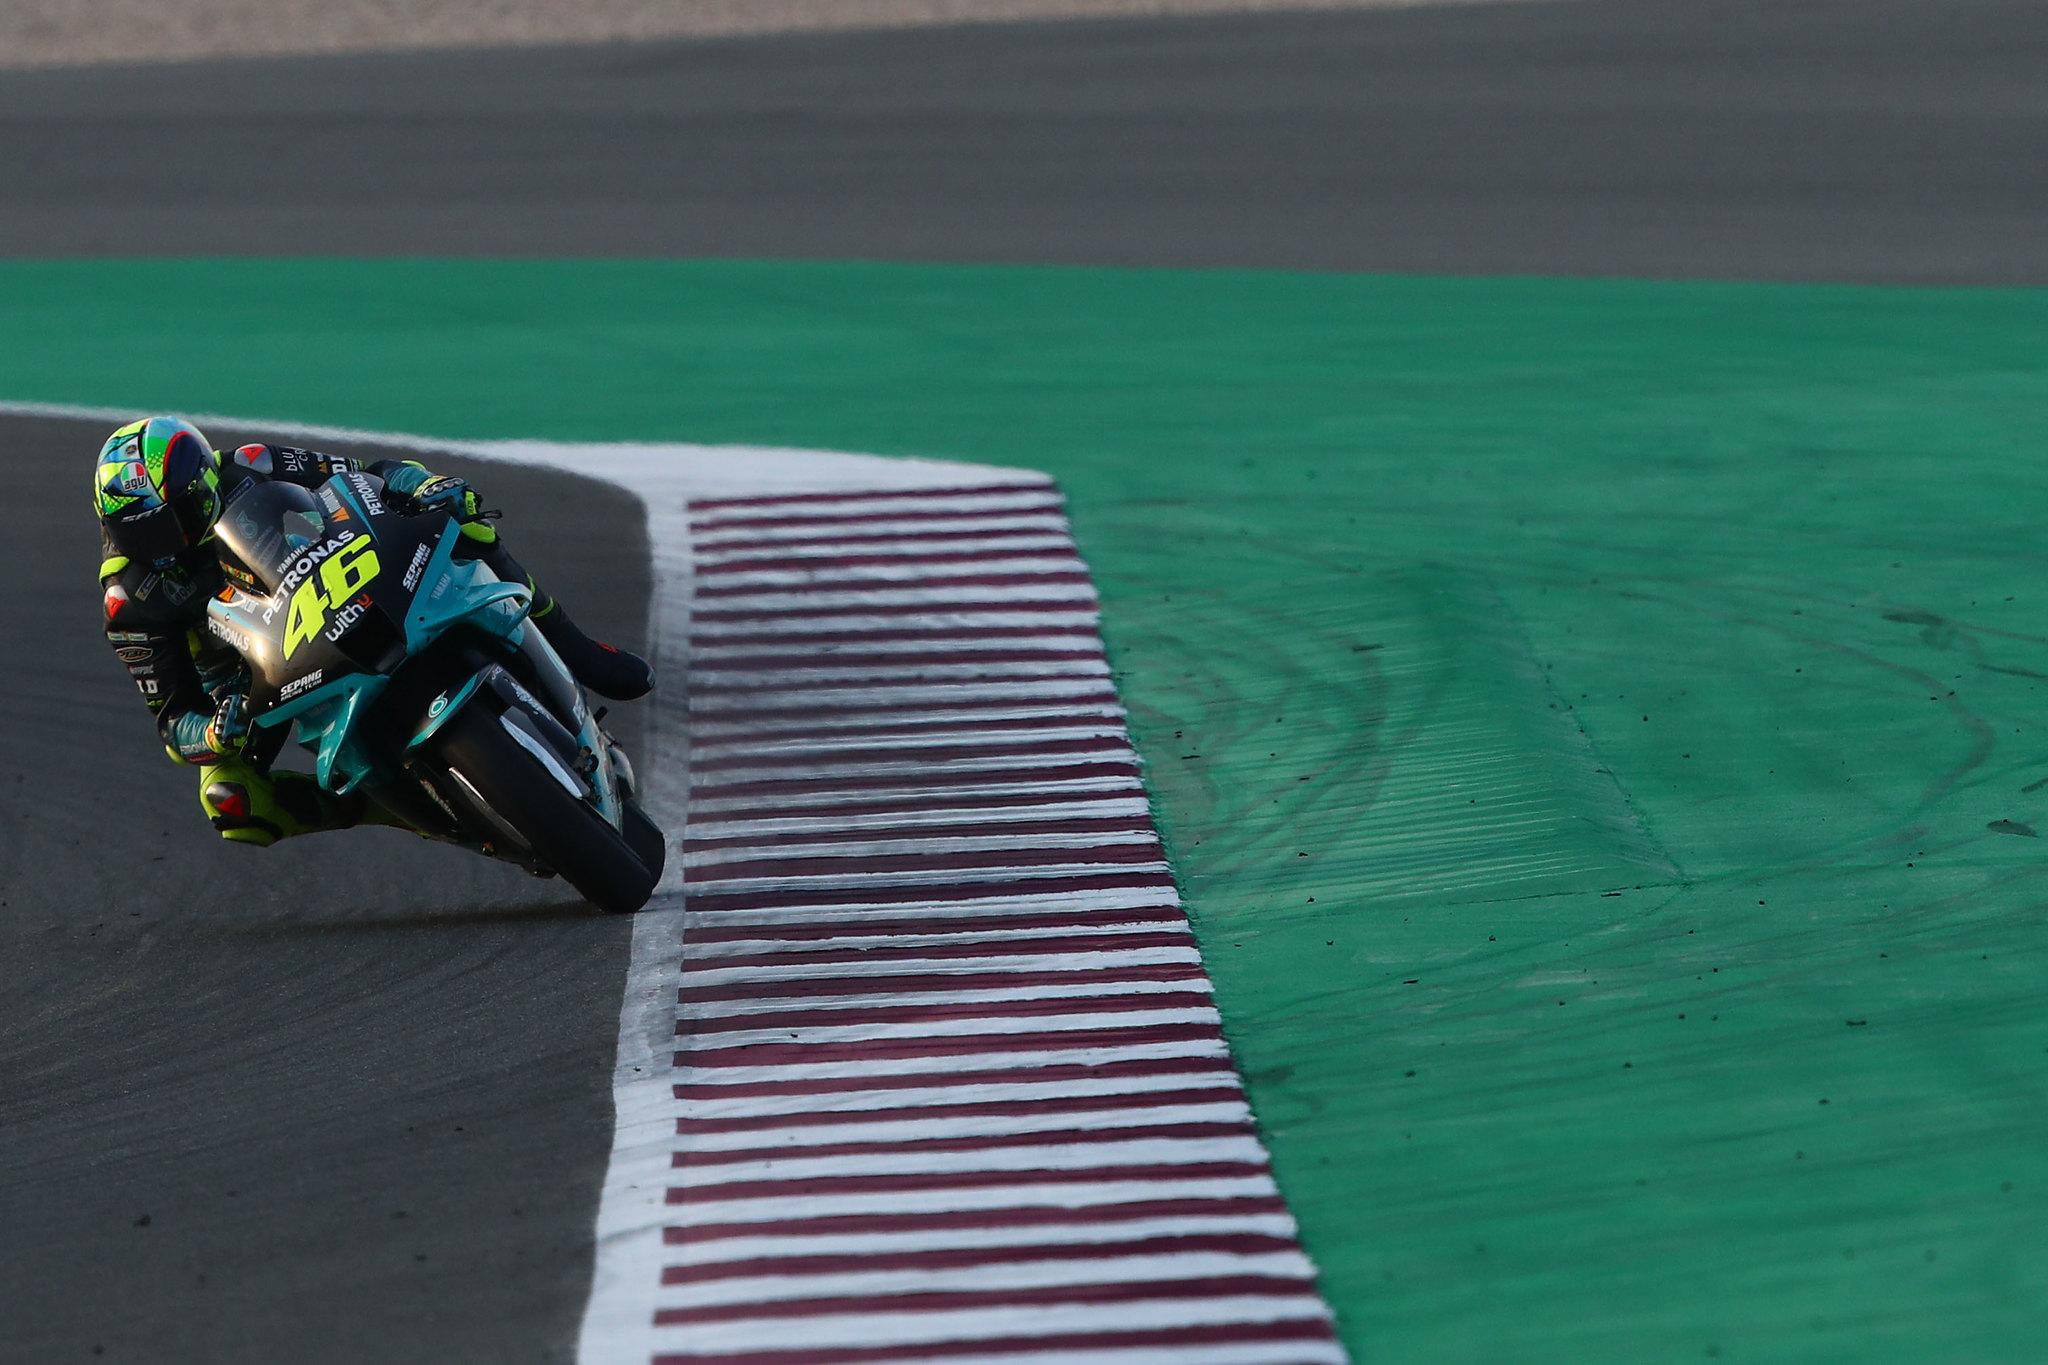 バレンティーノ・ロッシ「カタールで初めて53秒台を記録出来た」